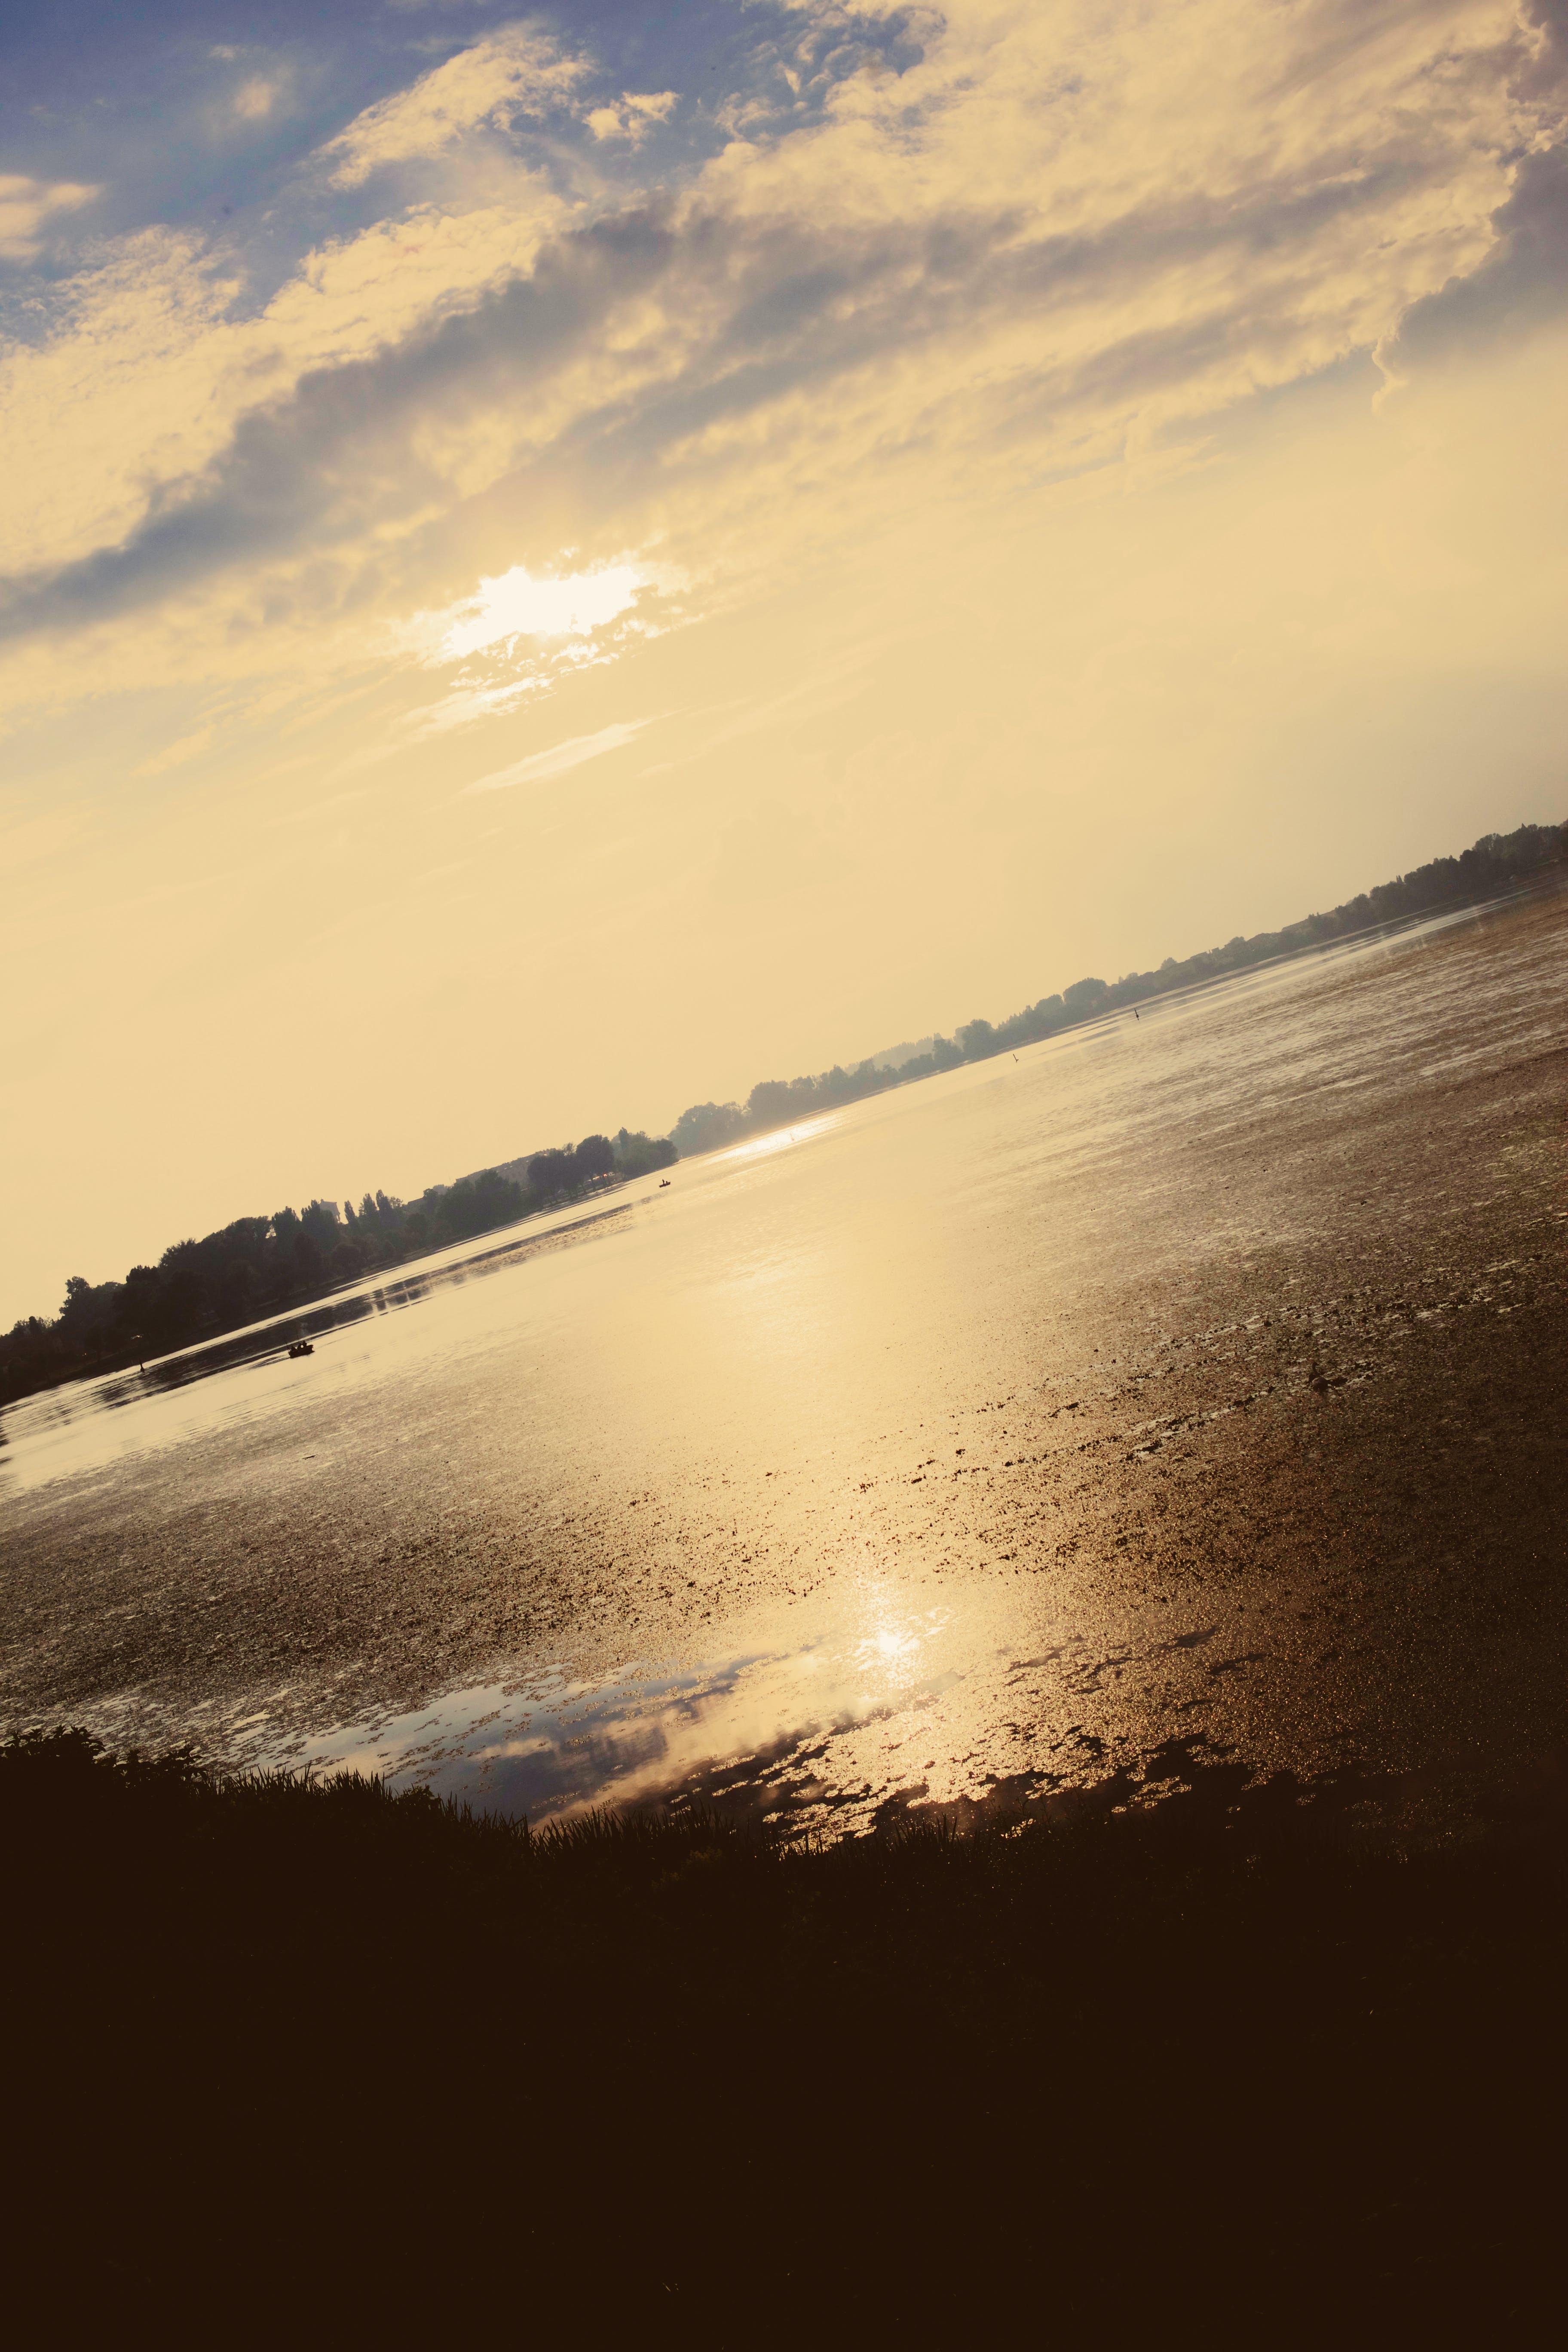 evening sky, evening sun, golden hour